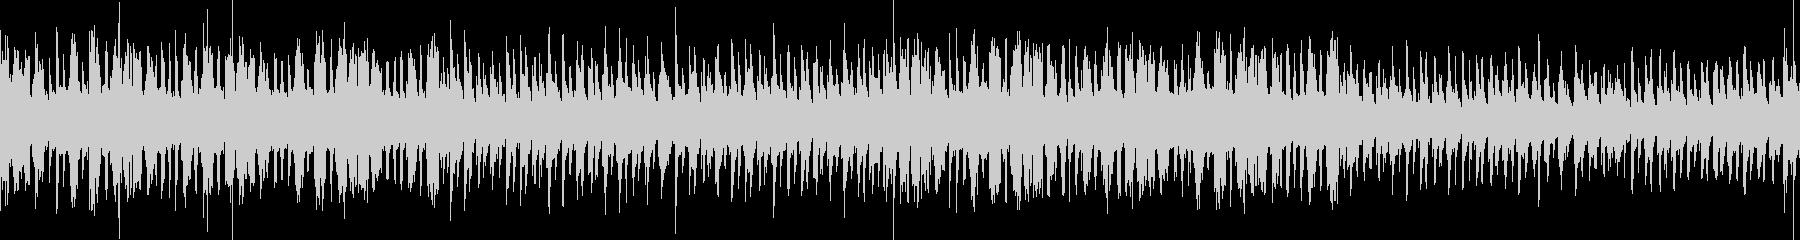 【ループ】酒場風ジャズのBGMの未再生の波形